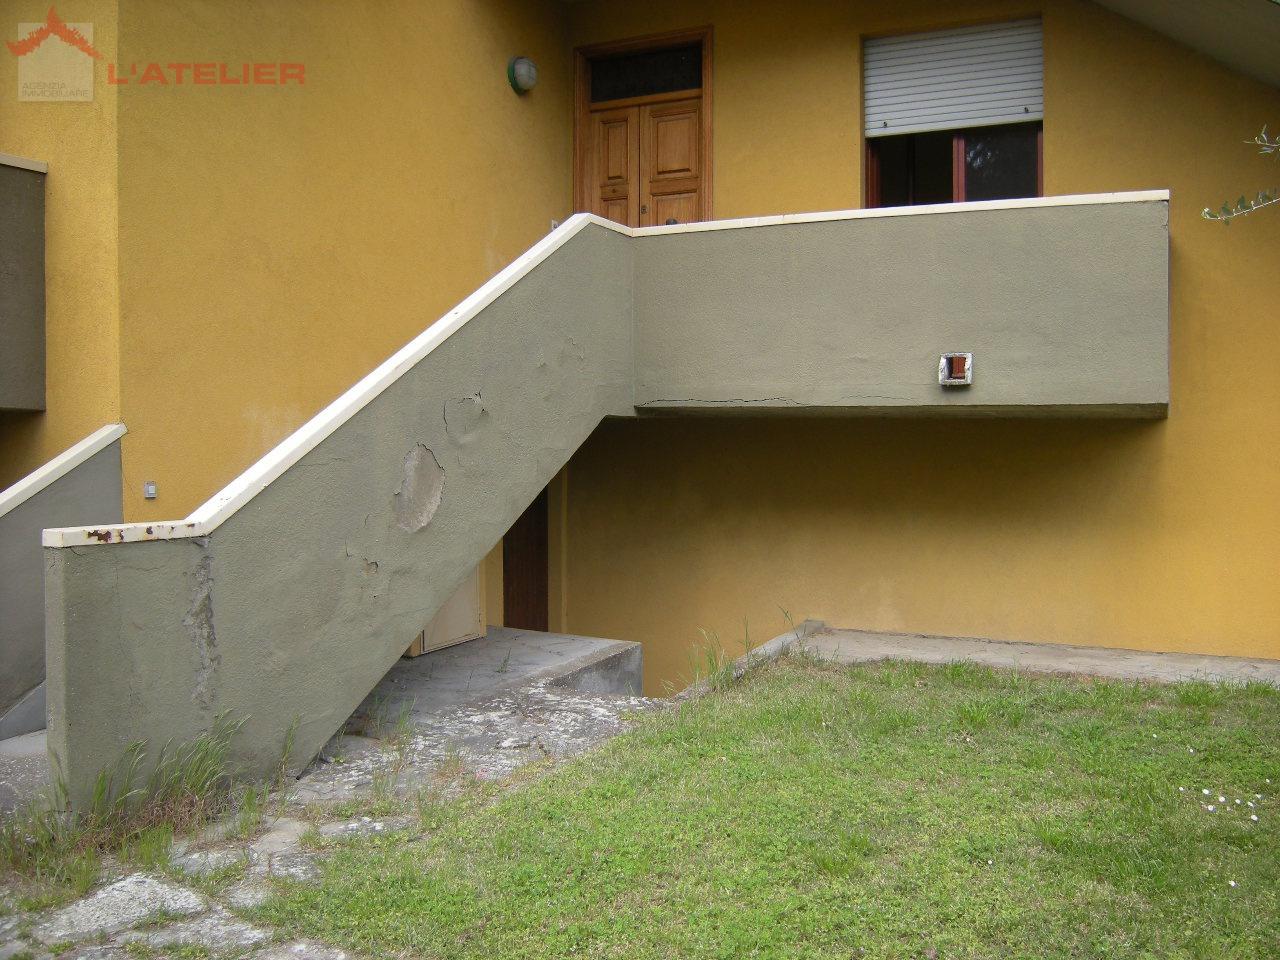 Appartamento indipendente quadrilocale in vendita a Arezzo (AR)